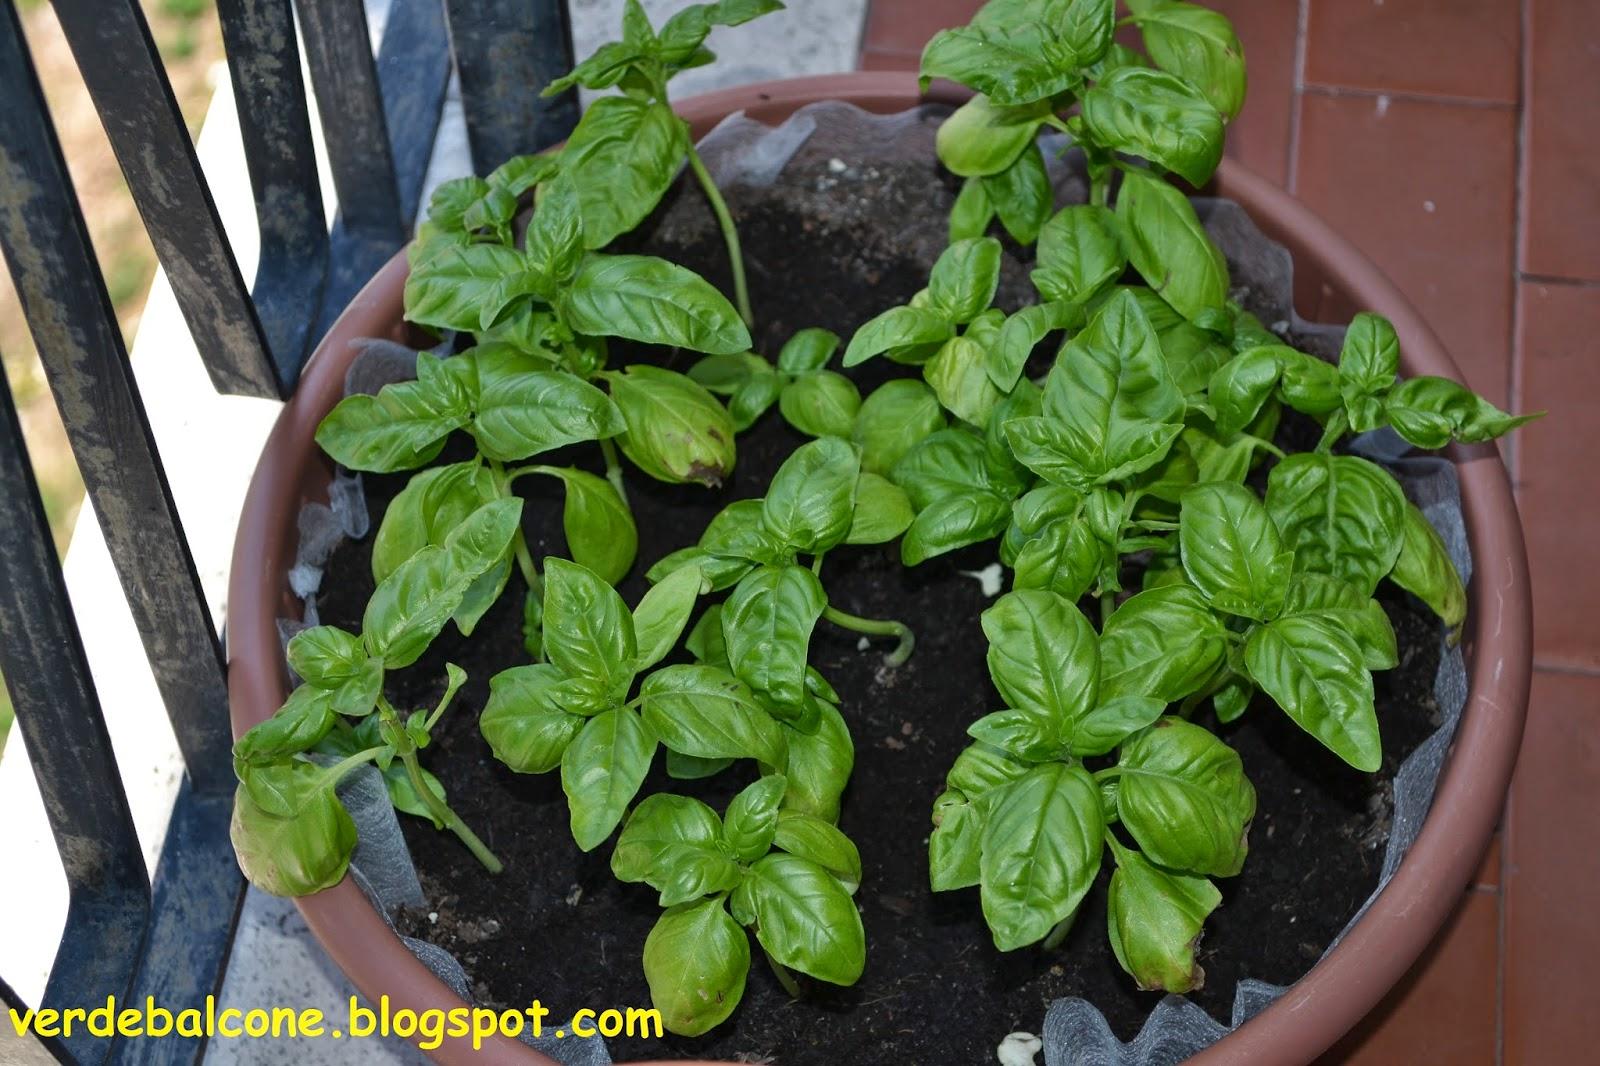 Verde balcone basilico scheda di riconoscimento e for Coltivazione basilico in vaso